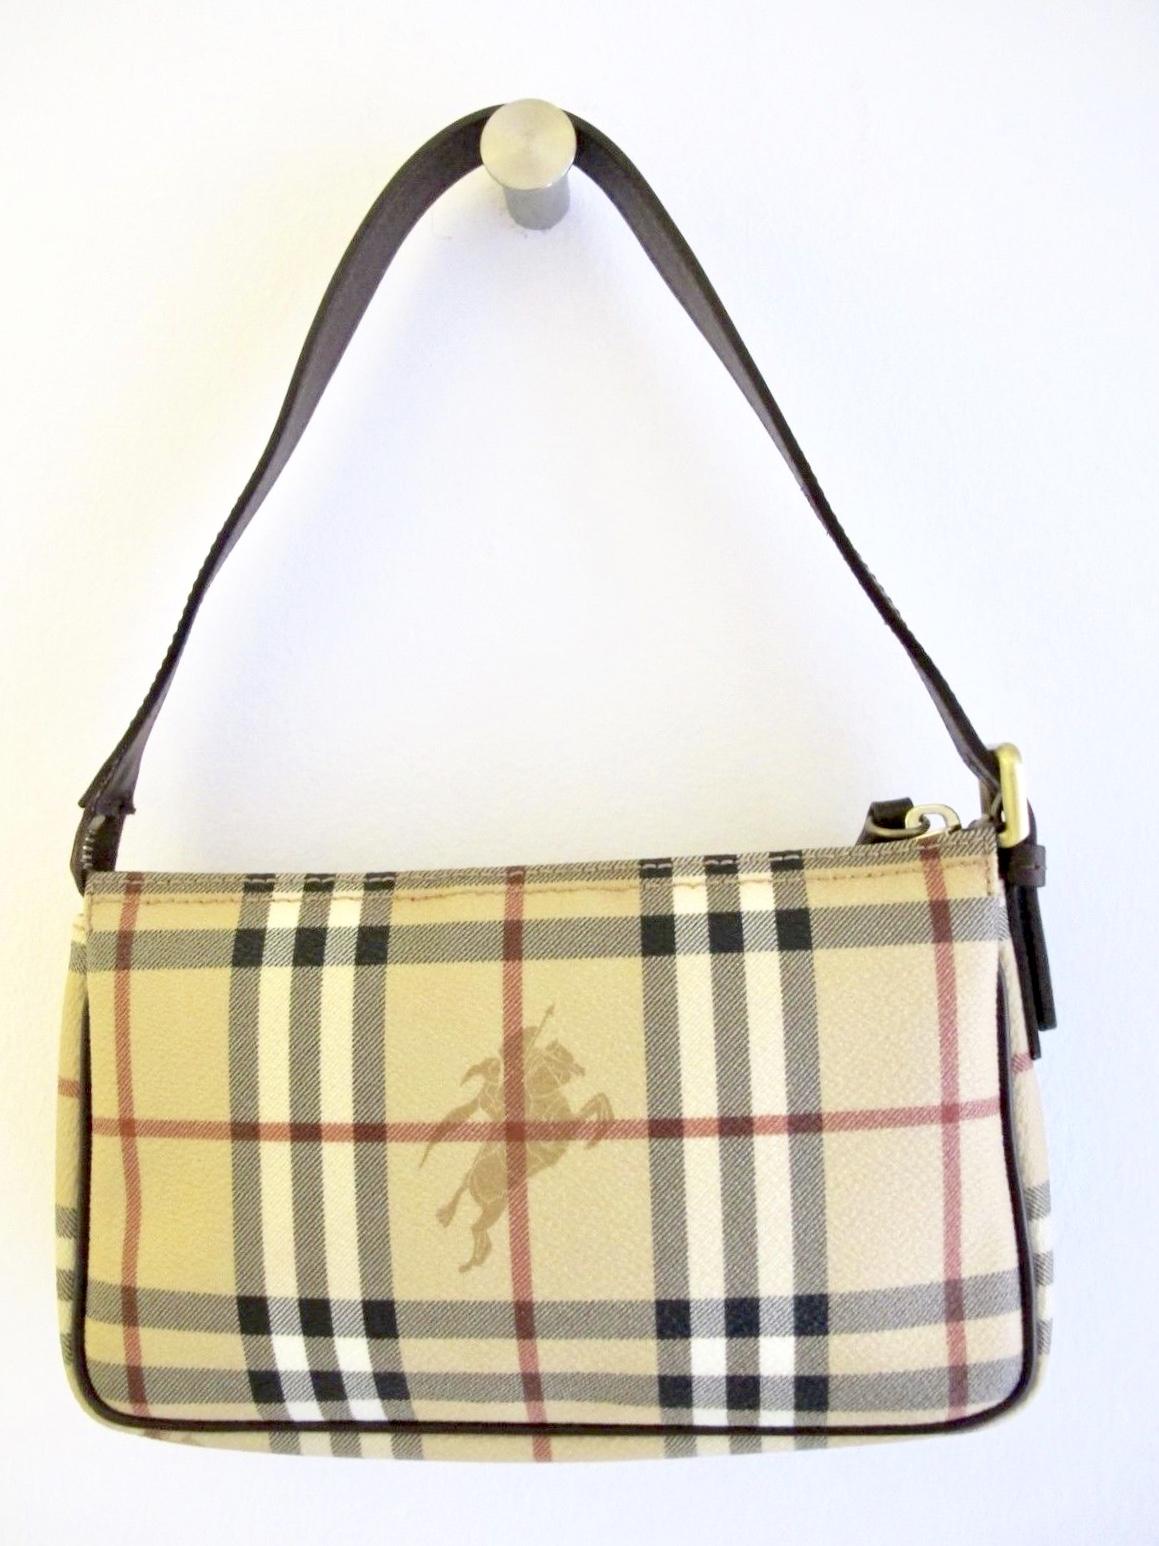 Burberry Nova Check Baguette Shoulder Bag